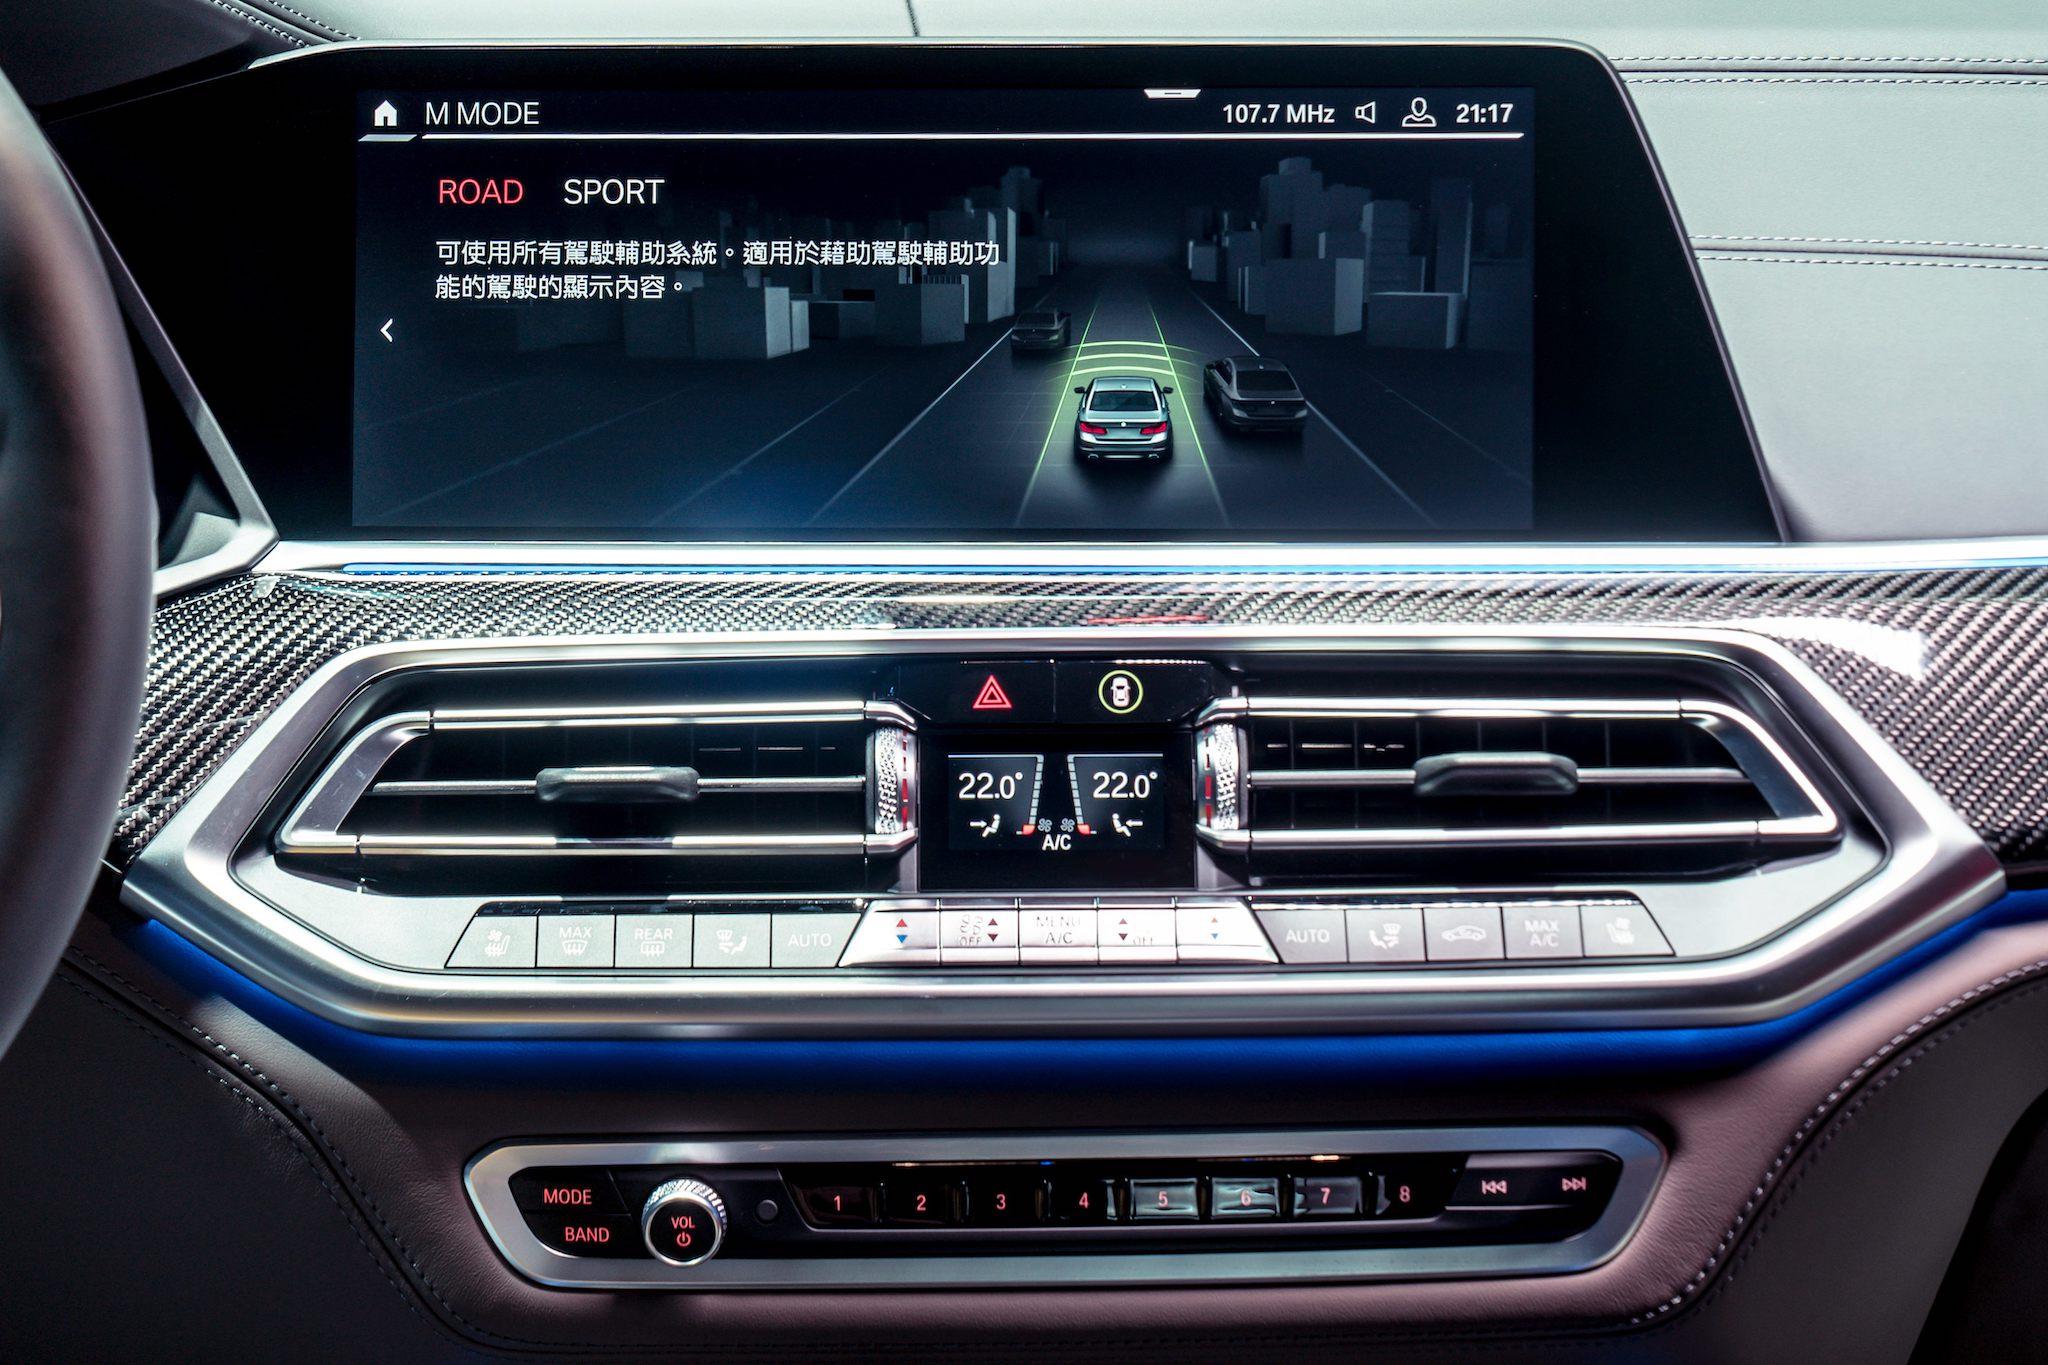 全新 BMW X5 M 搭載 M MODE 駕馭模式切換功能,可依路況與需求透過 12.3 吋中控觸控螢幕選擇 Road 或 Sport 模式。